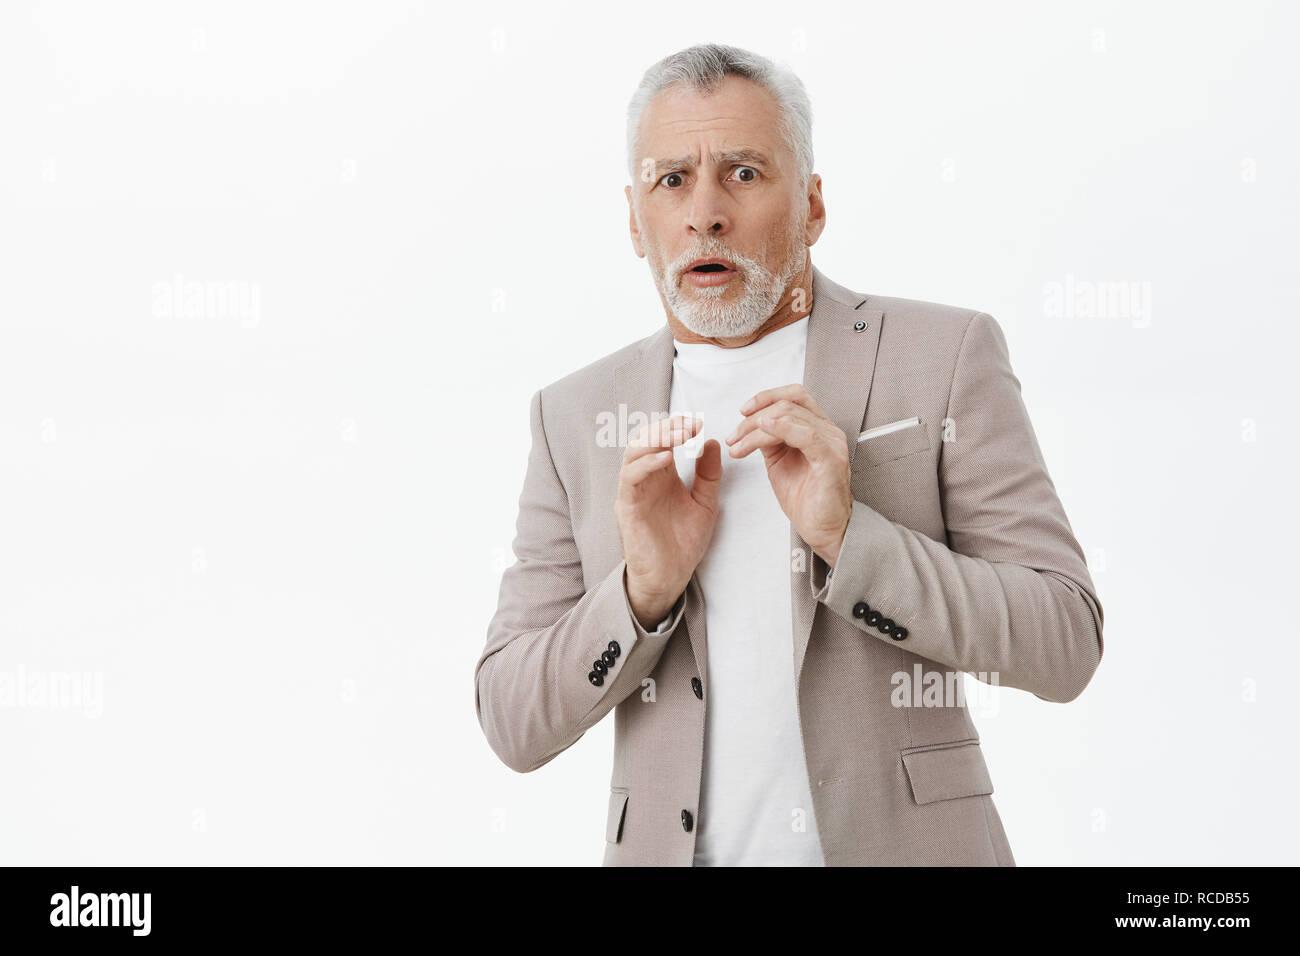 Portrait d'un homme mécontent intense homme en costume élégant tenant la main appuyée à l'arrière de l'intensification de la poitrine et de l'aversion n'aiment pas se sentir timide et creepy posing against white background Photo Stock